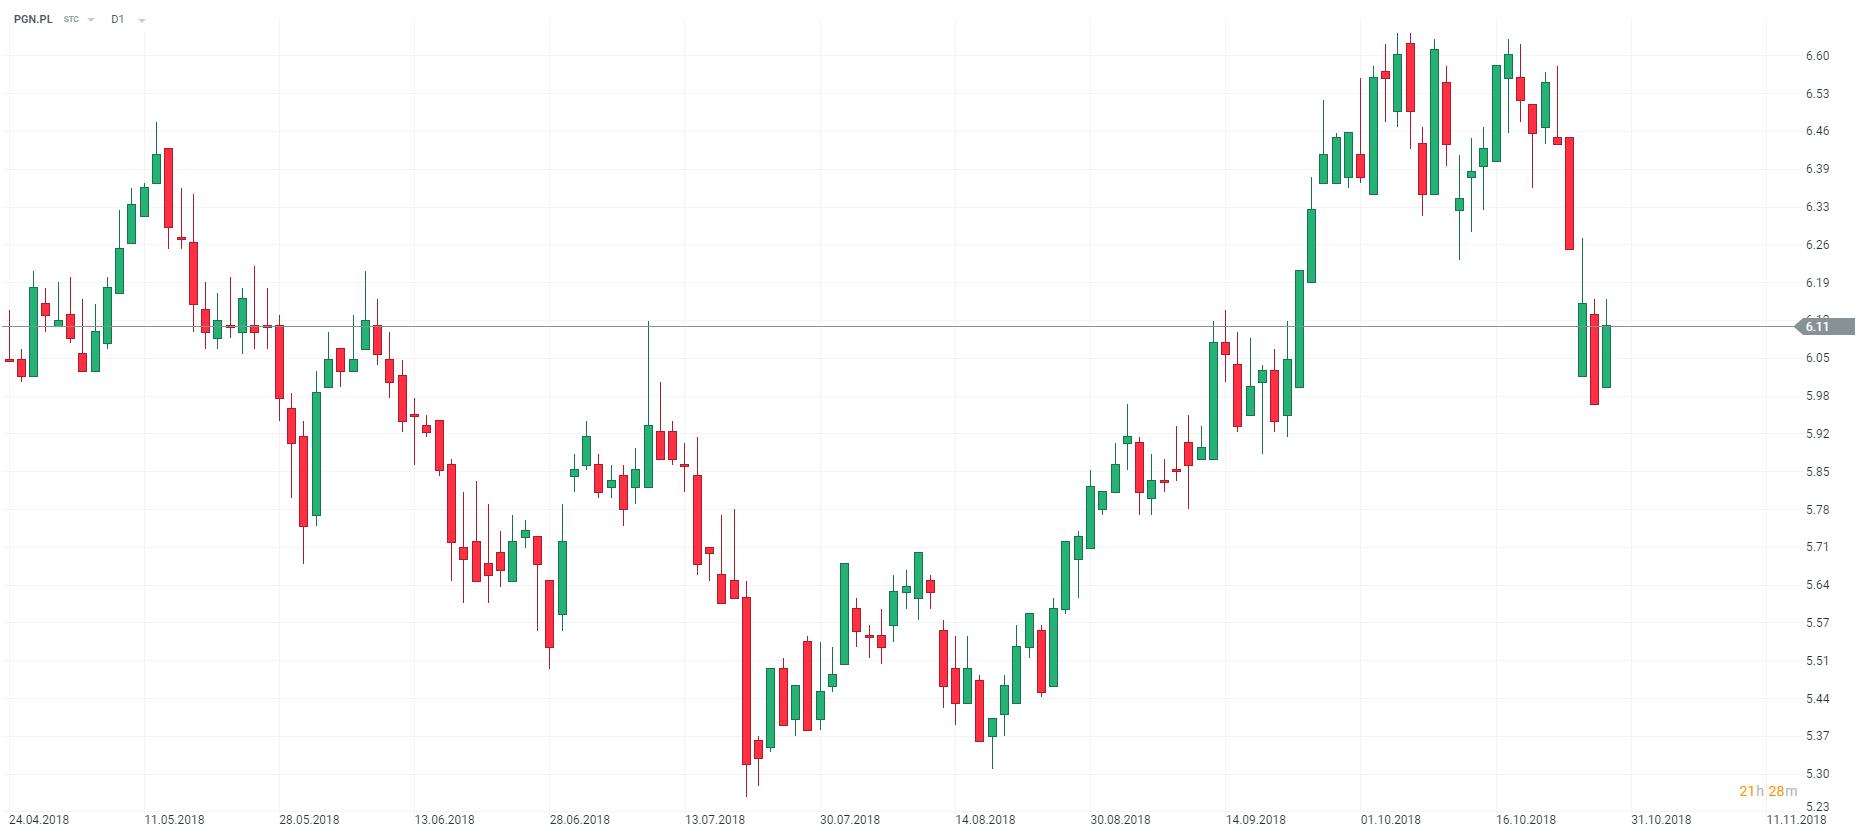 wykres pgn pgnig d1 30.10.2018